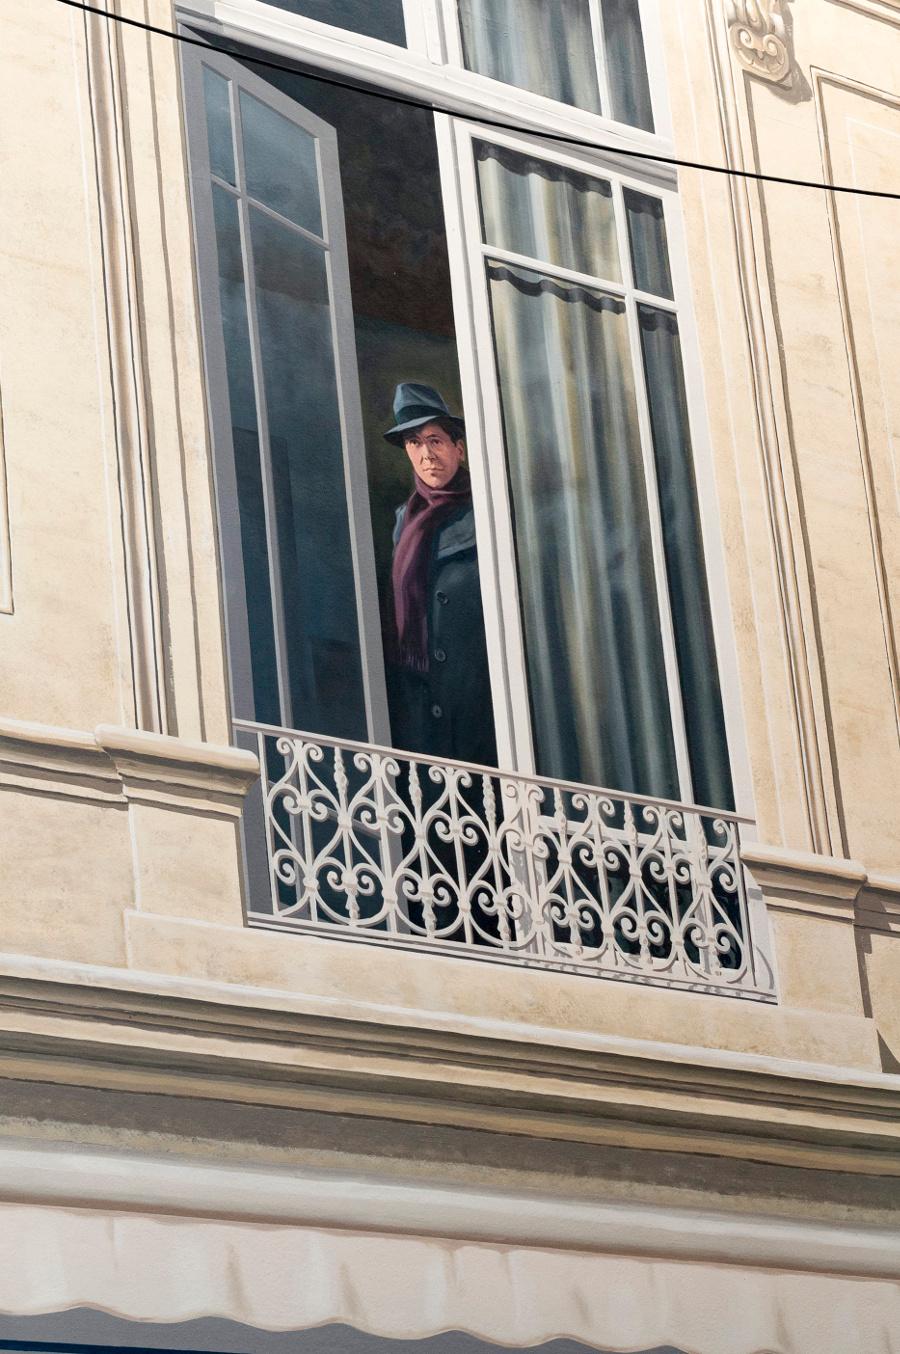 Béziers, Jean Moulin, Résistance, Eric Beracassat, Canal du Midi, balade historique, www.balades-historiques.com